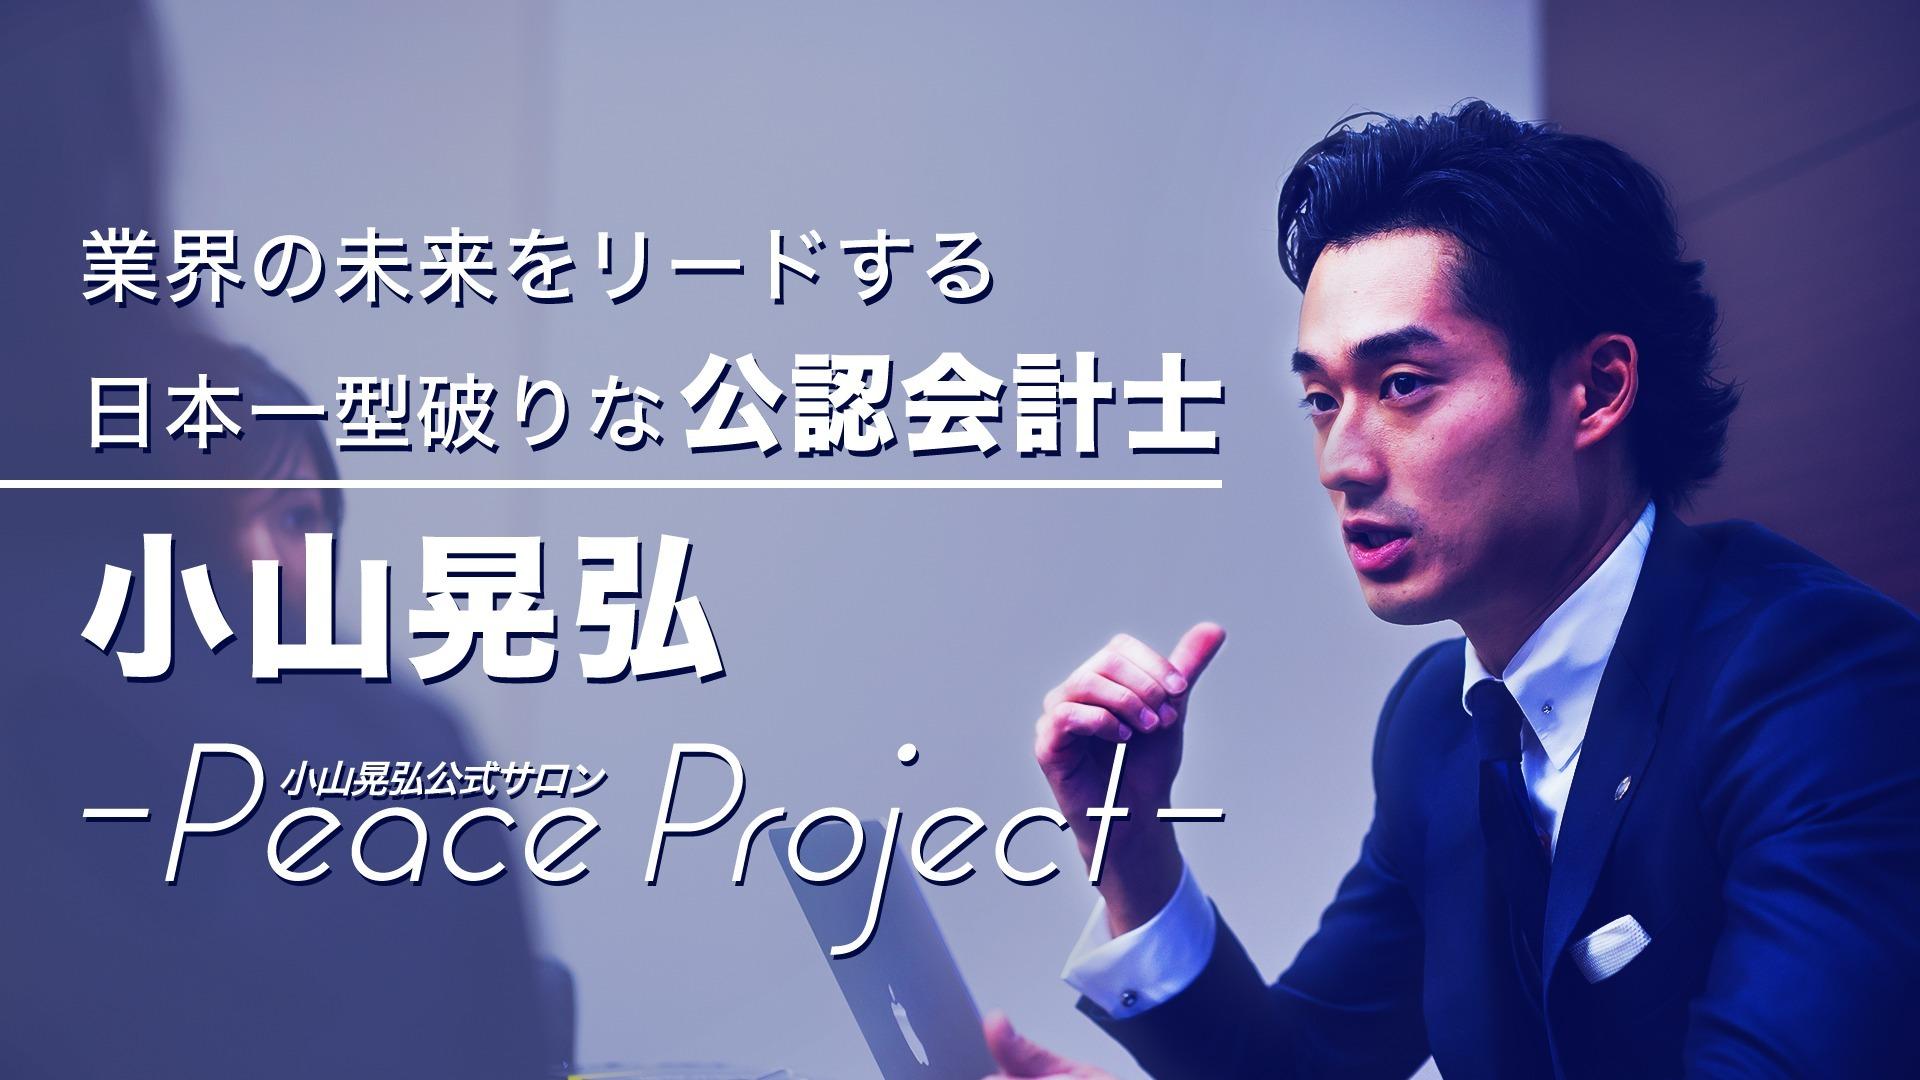 公認会計士小山晃弘サロン〜PeaceProject〜